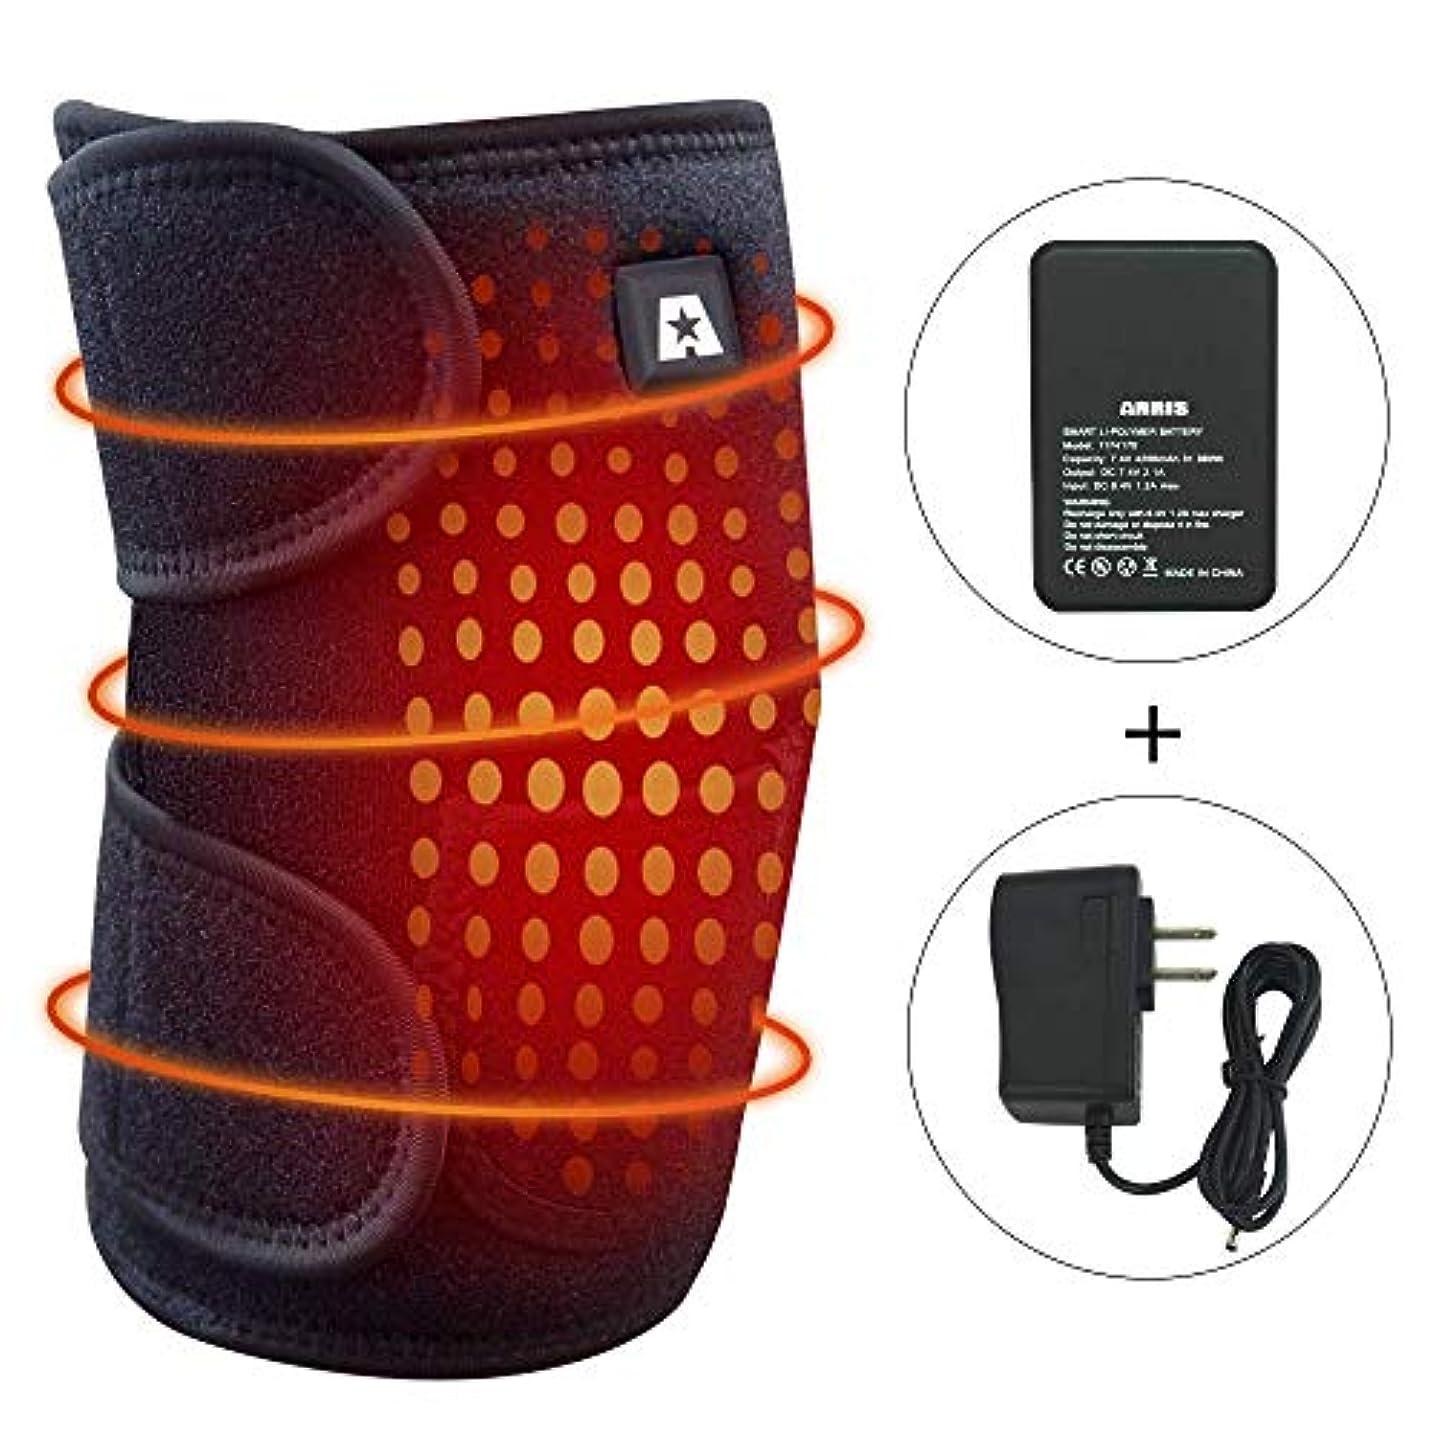 よく話される等ファームARRIS 膝関節加熱膝パッド 電熱ひざサポーター ヒートひざ当て 赤外線温熱療法 防寒グッズ 冷え症に対応 関節痛を和らぐ